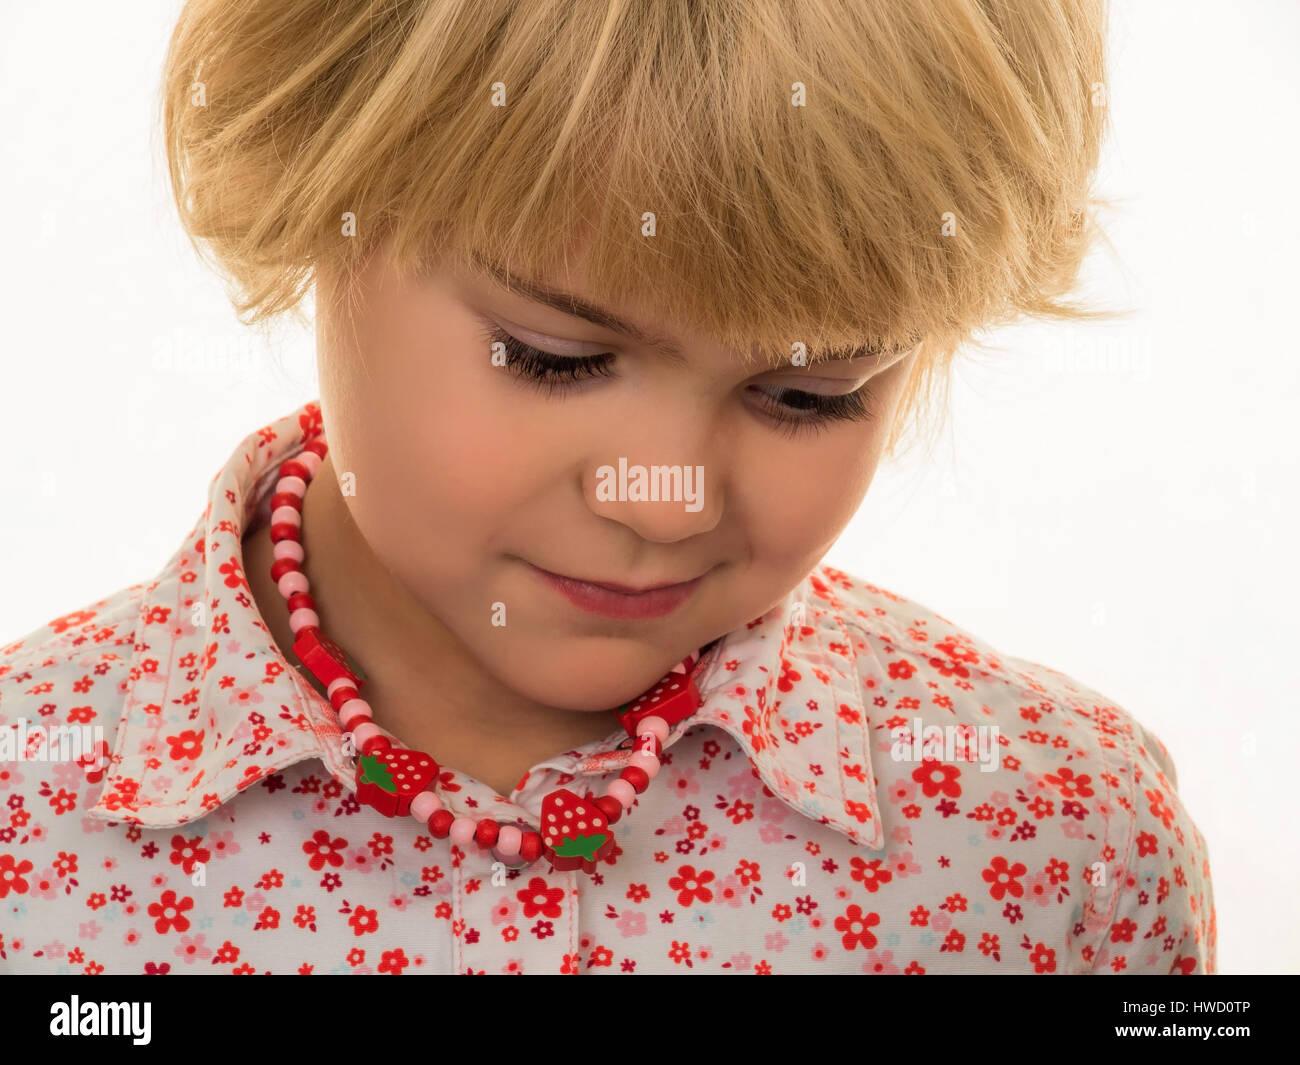 A small girl looks pensive., Ein kleines M‰dchen wirkt nachdenklich. Stock Photo